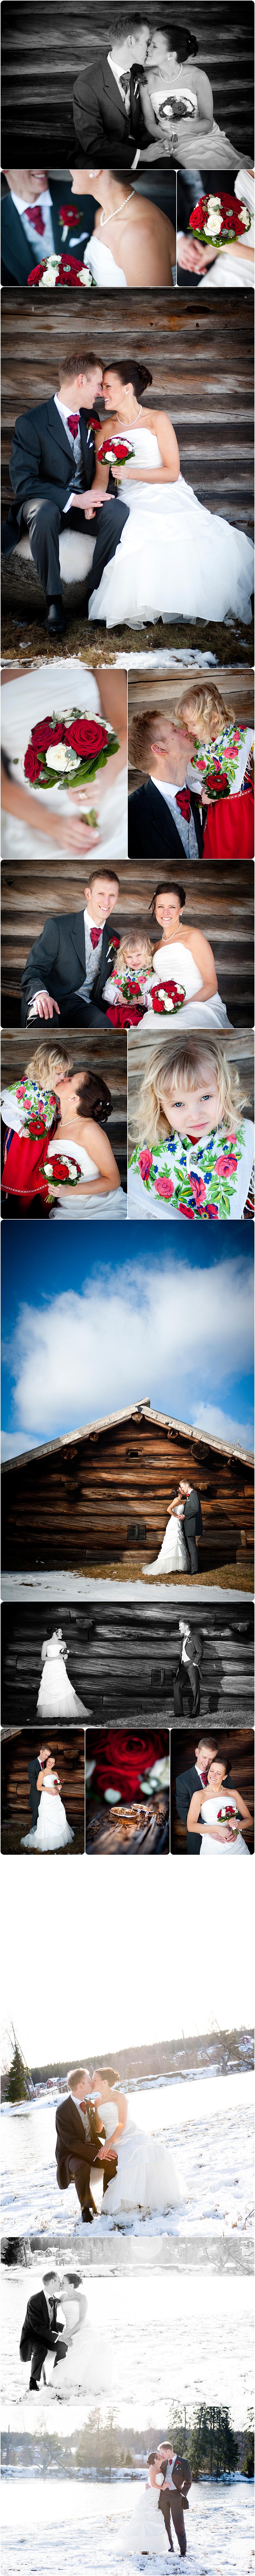 Lena-Martin,-Wedding-Malung-Gammelgarden